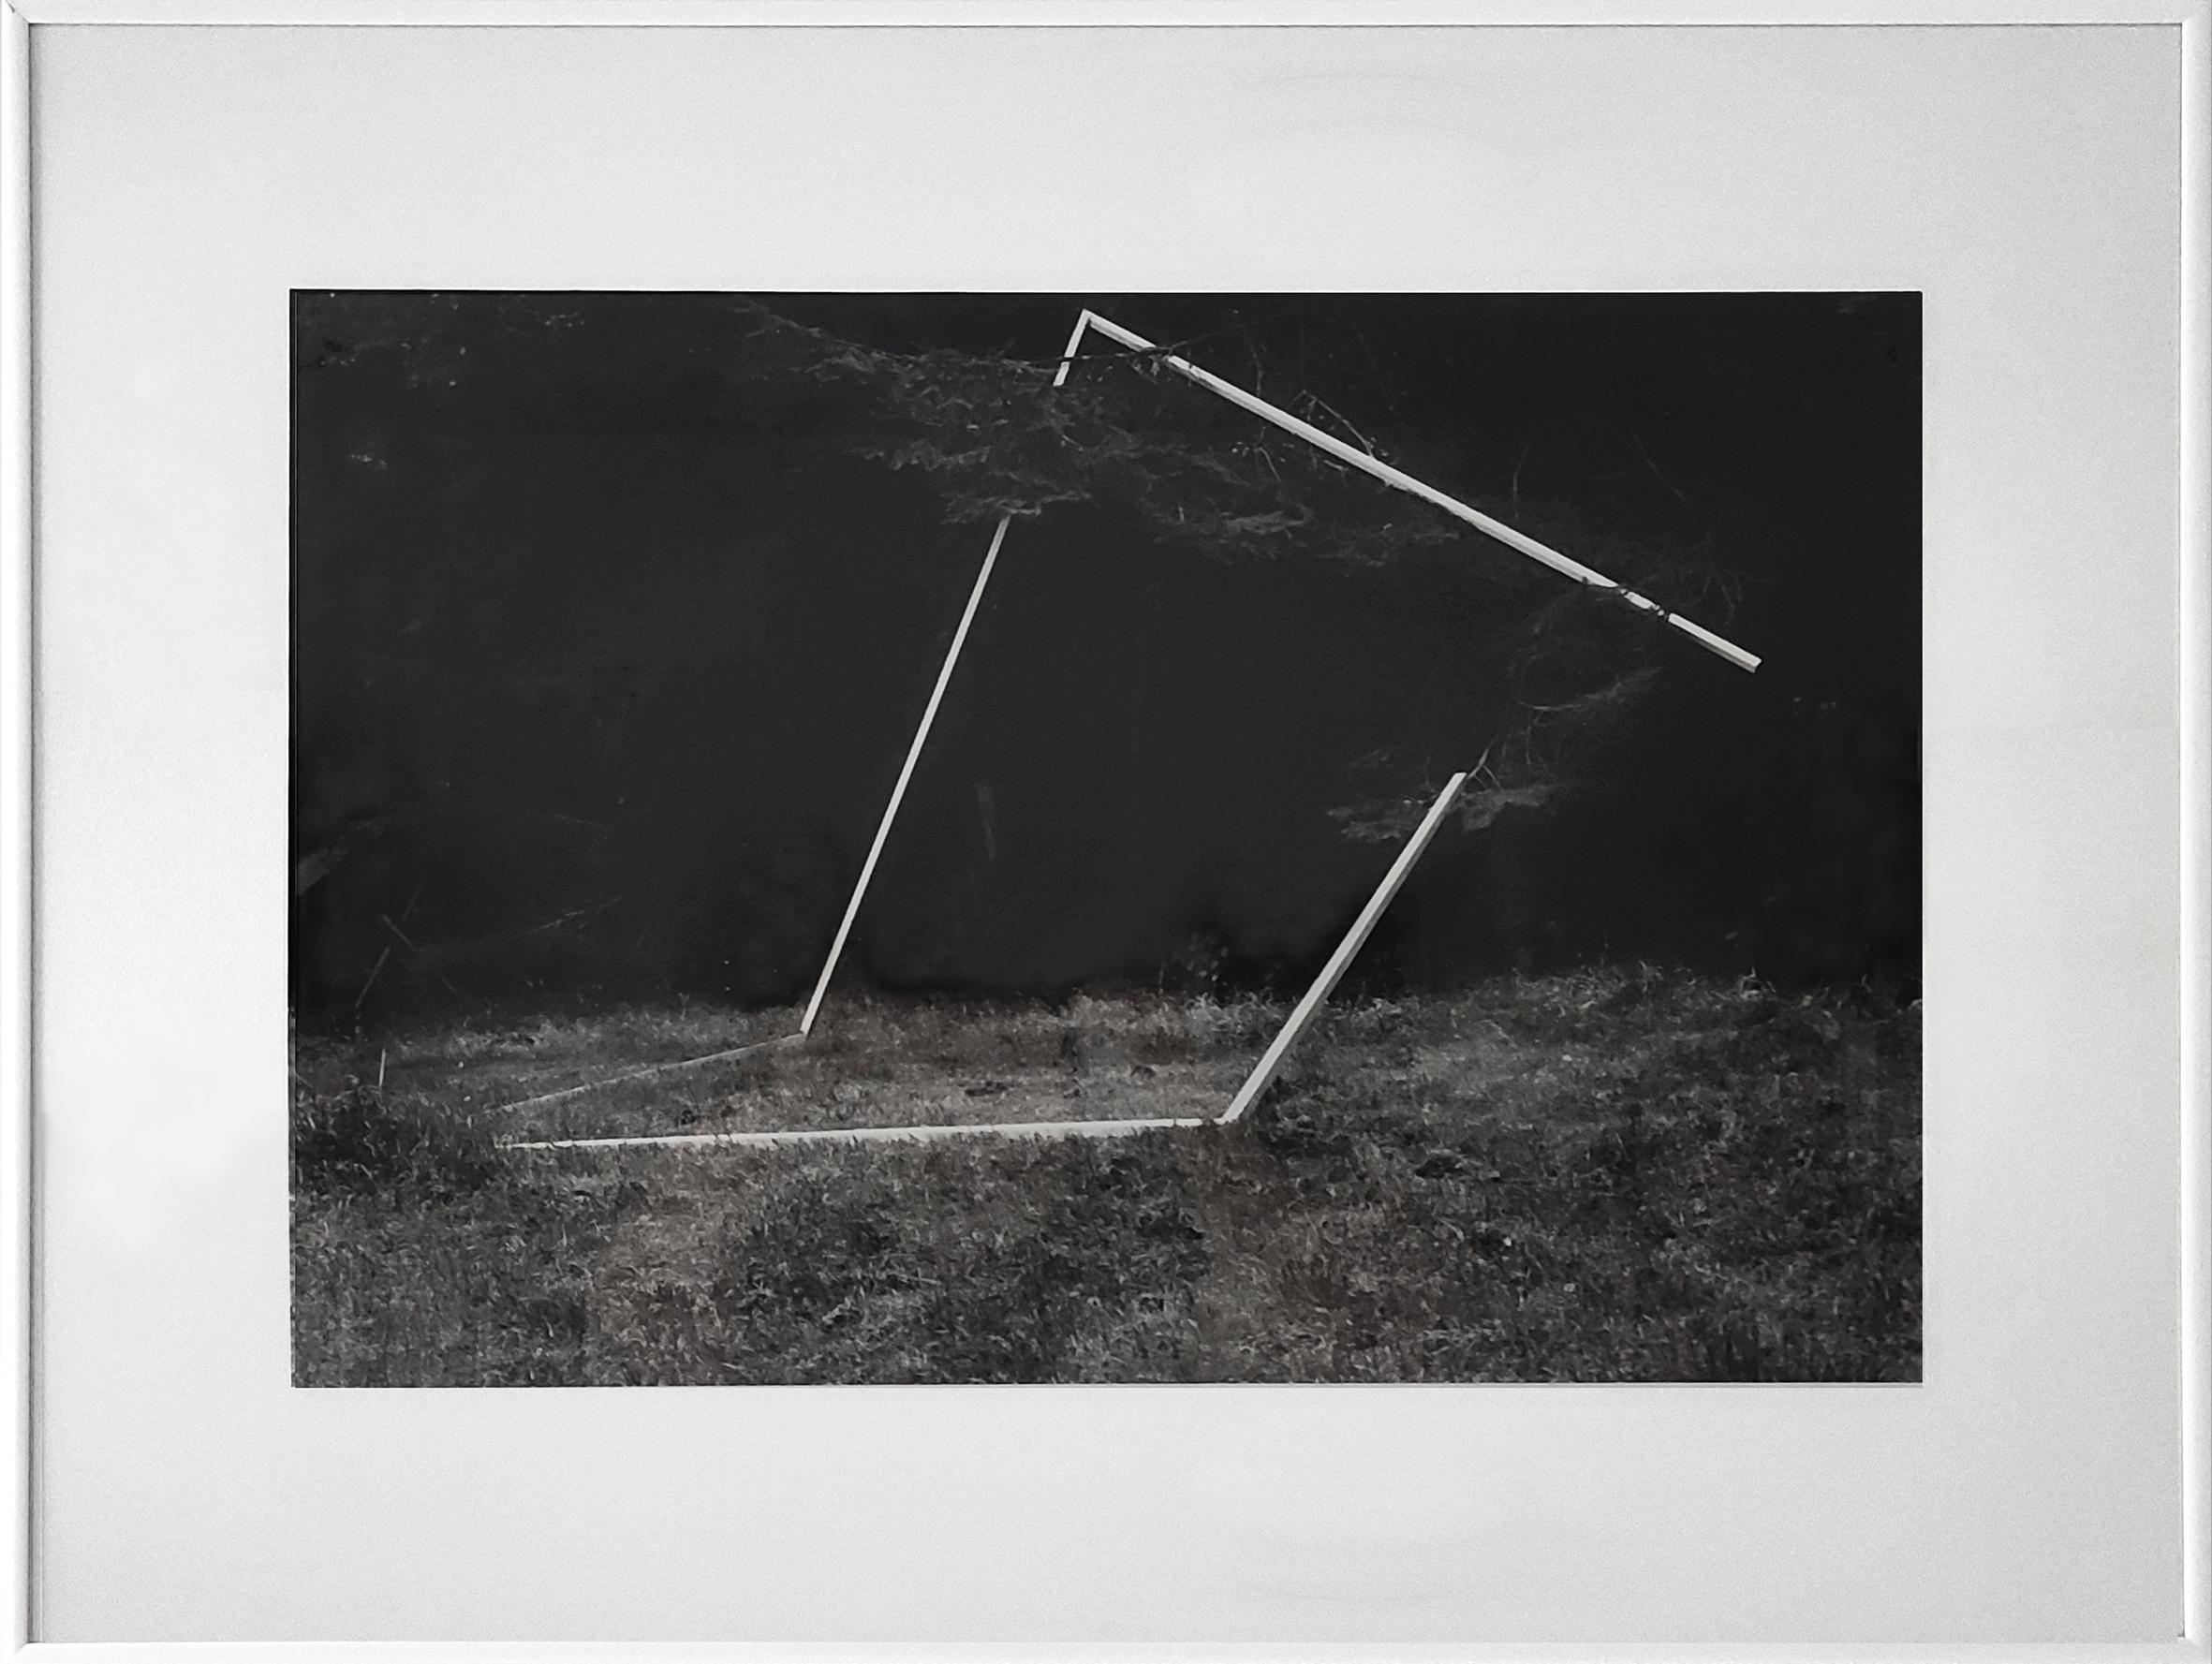 Diet Sayler, Waldraum V., 1980, Installation, Odenwald, Fotografie, 40x60cm | 62x81cm, Edition 1:7